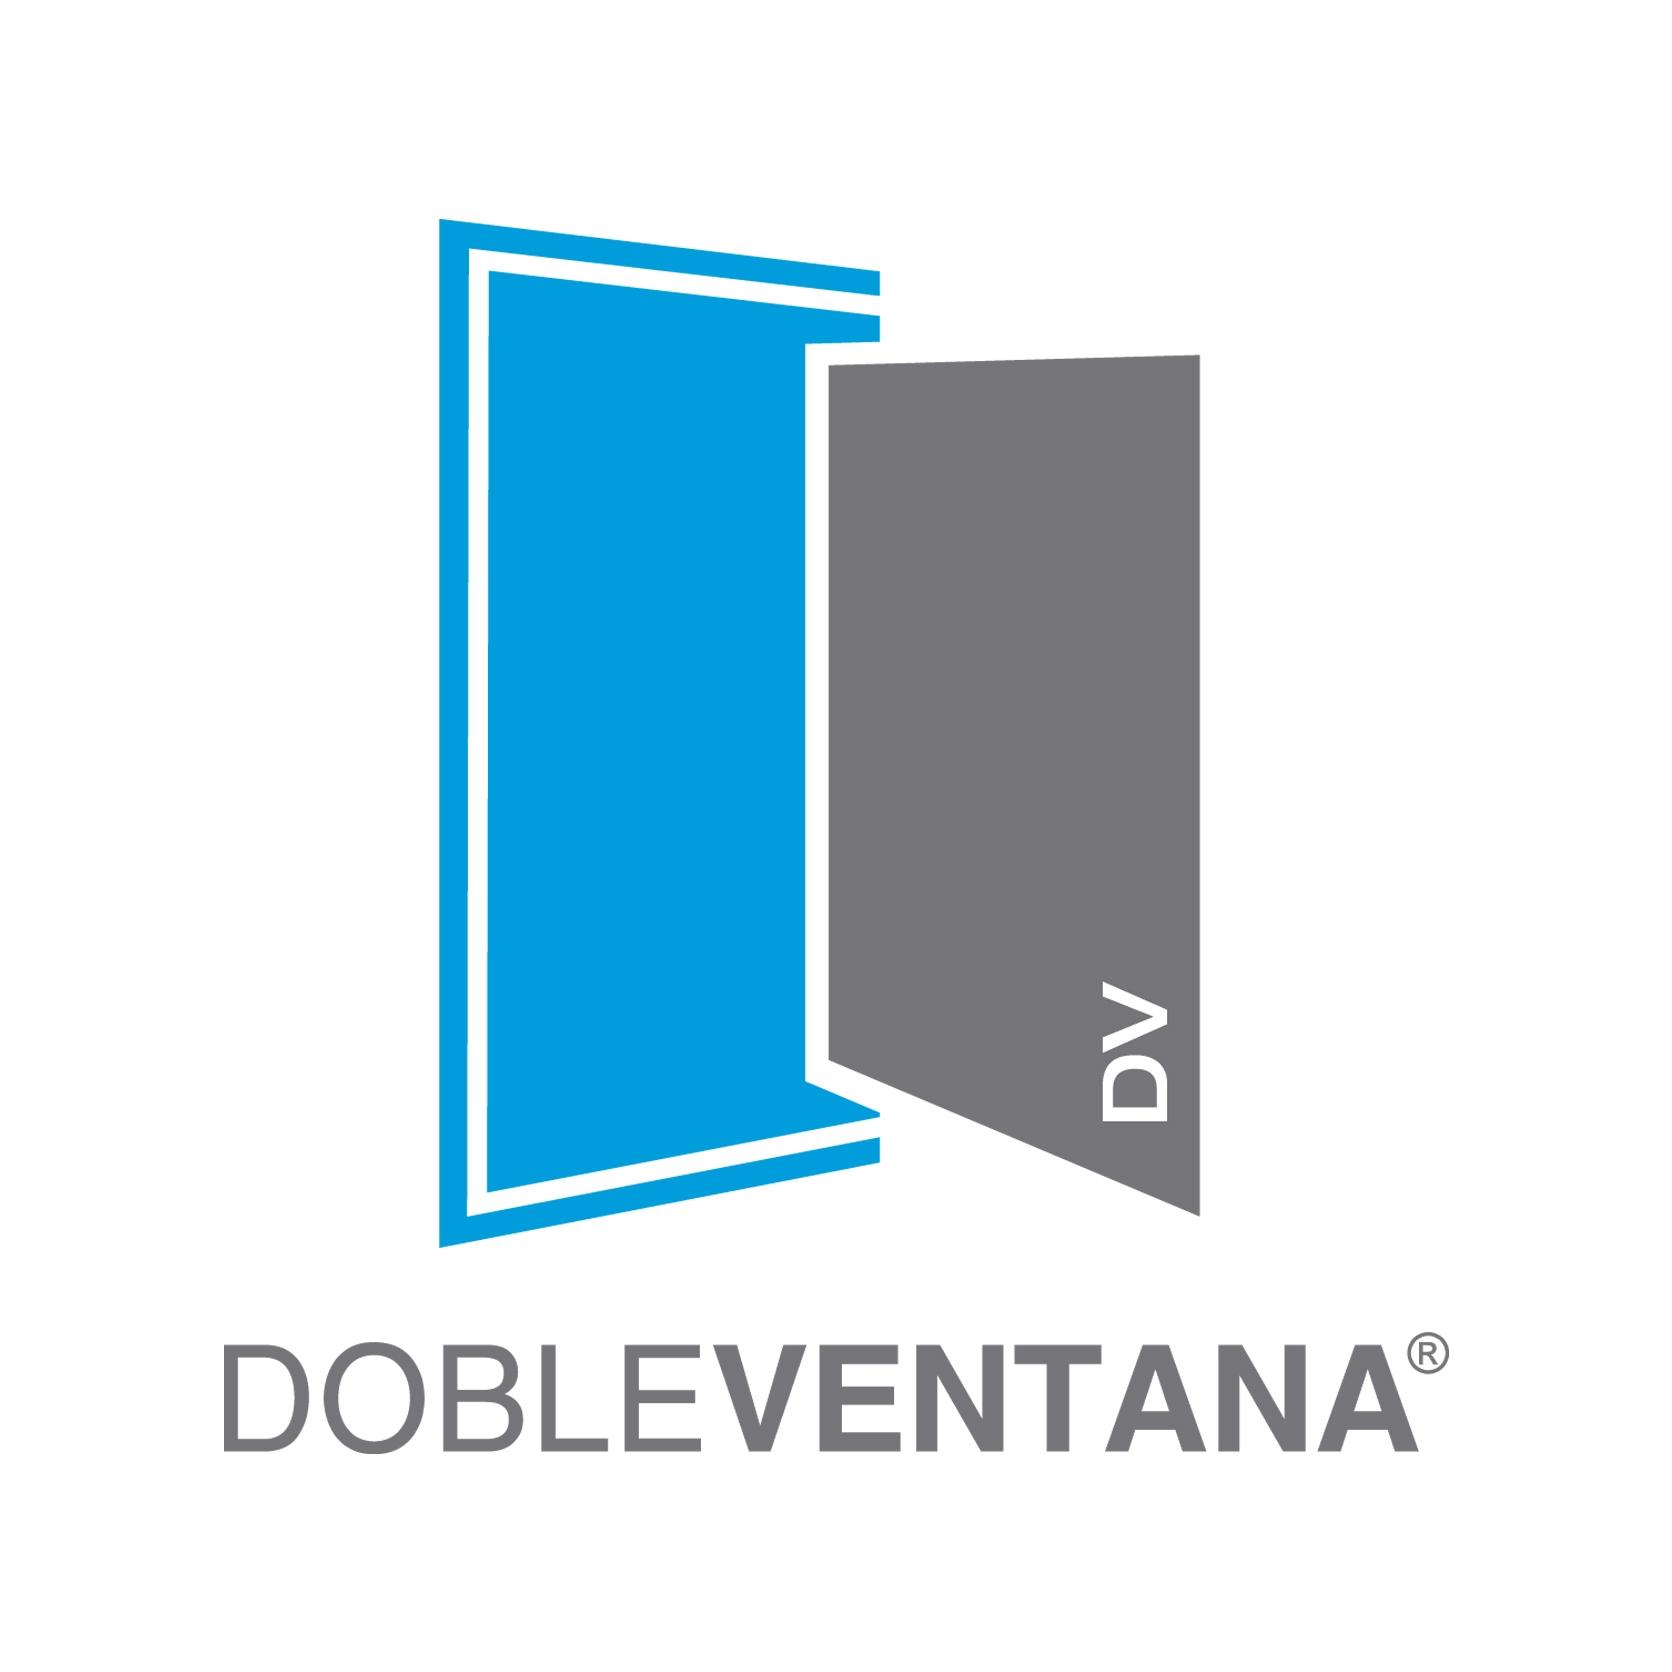 Dobleventana®